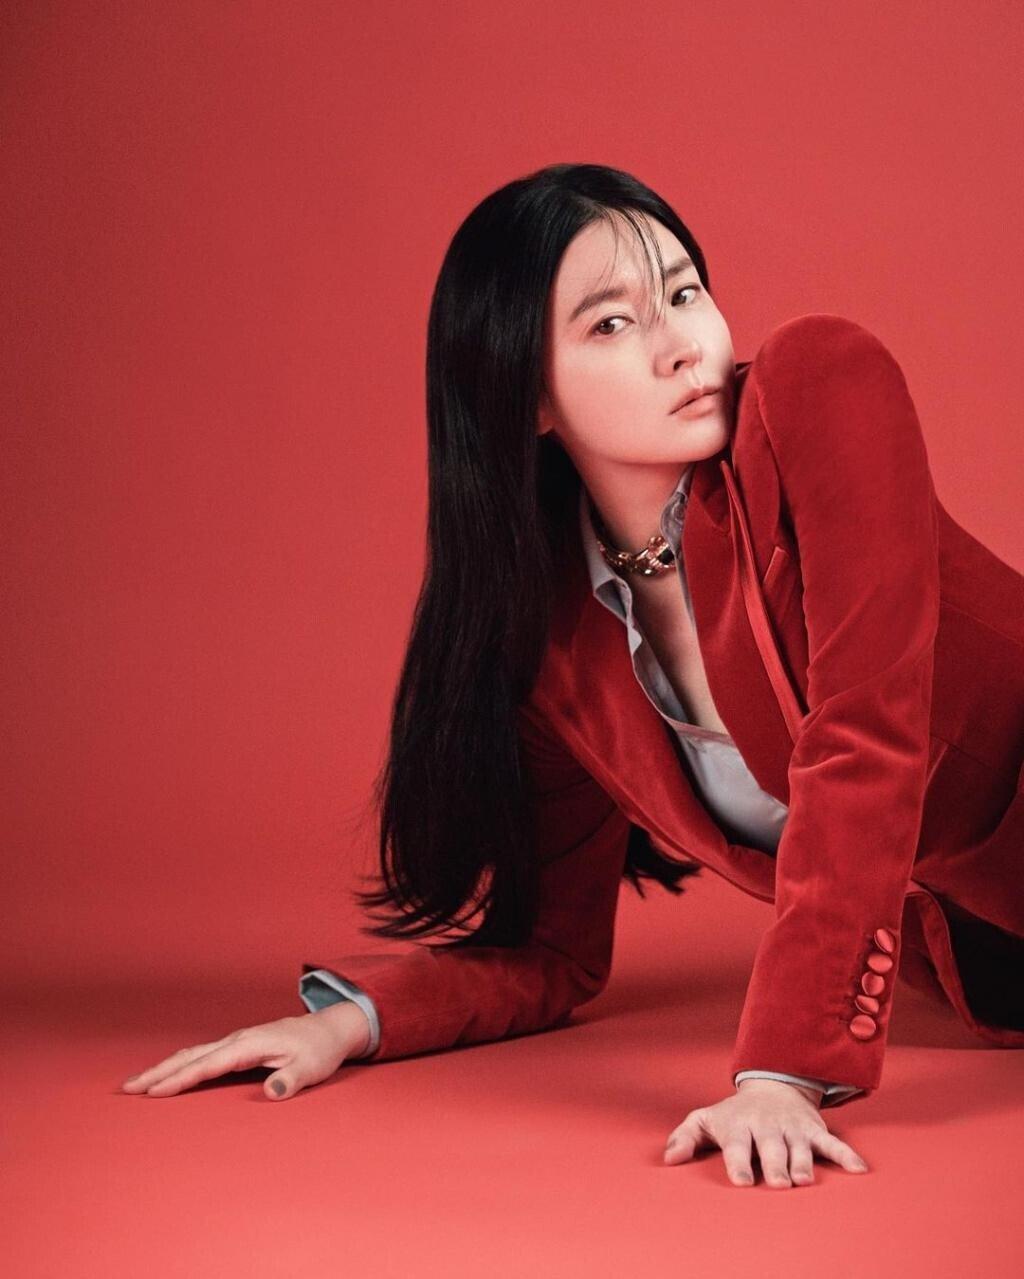 Солонгосын гоо бүсгүй Ли Ян Эйгийн үндэсний эрдэнэсийг бүү хүлээн зөвшөөр: үс нь хүртэл сонгомол, замыг эвдэж, урьдынх шигээ 180 градусын хачин өрөвдмөөр байна - Фото 8.